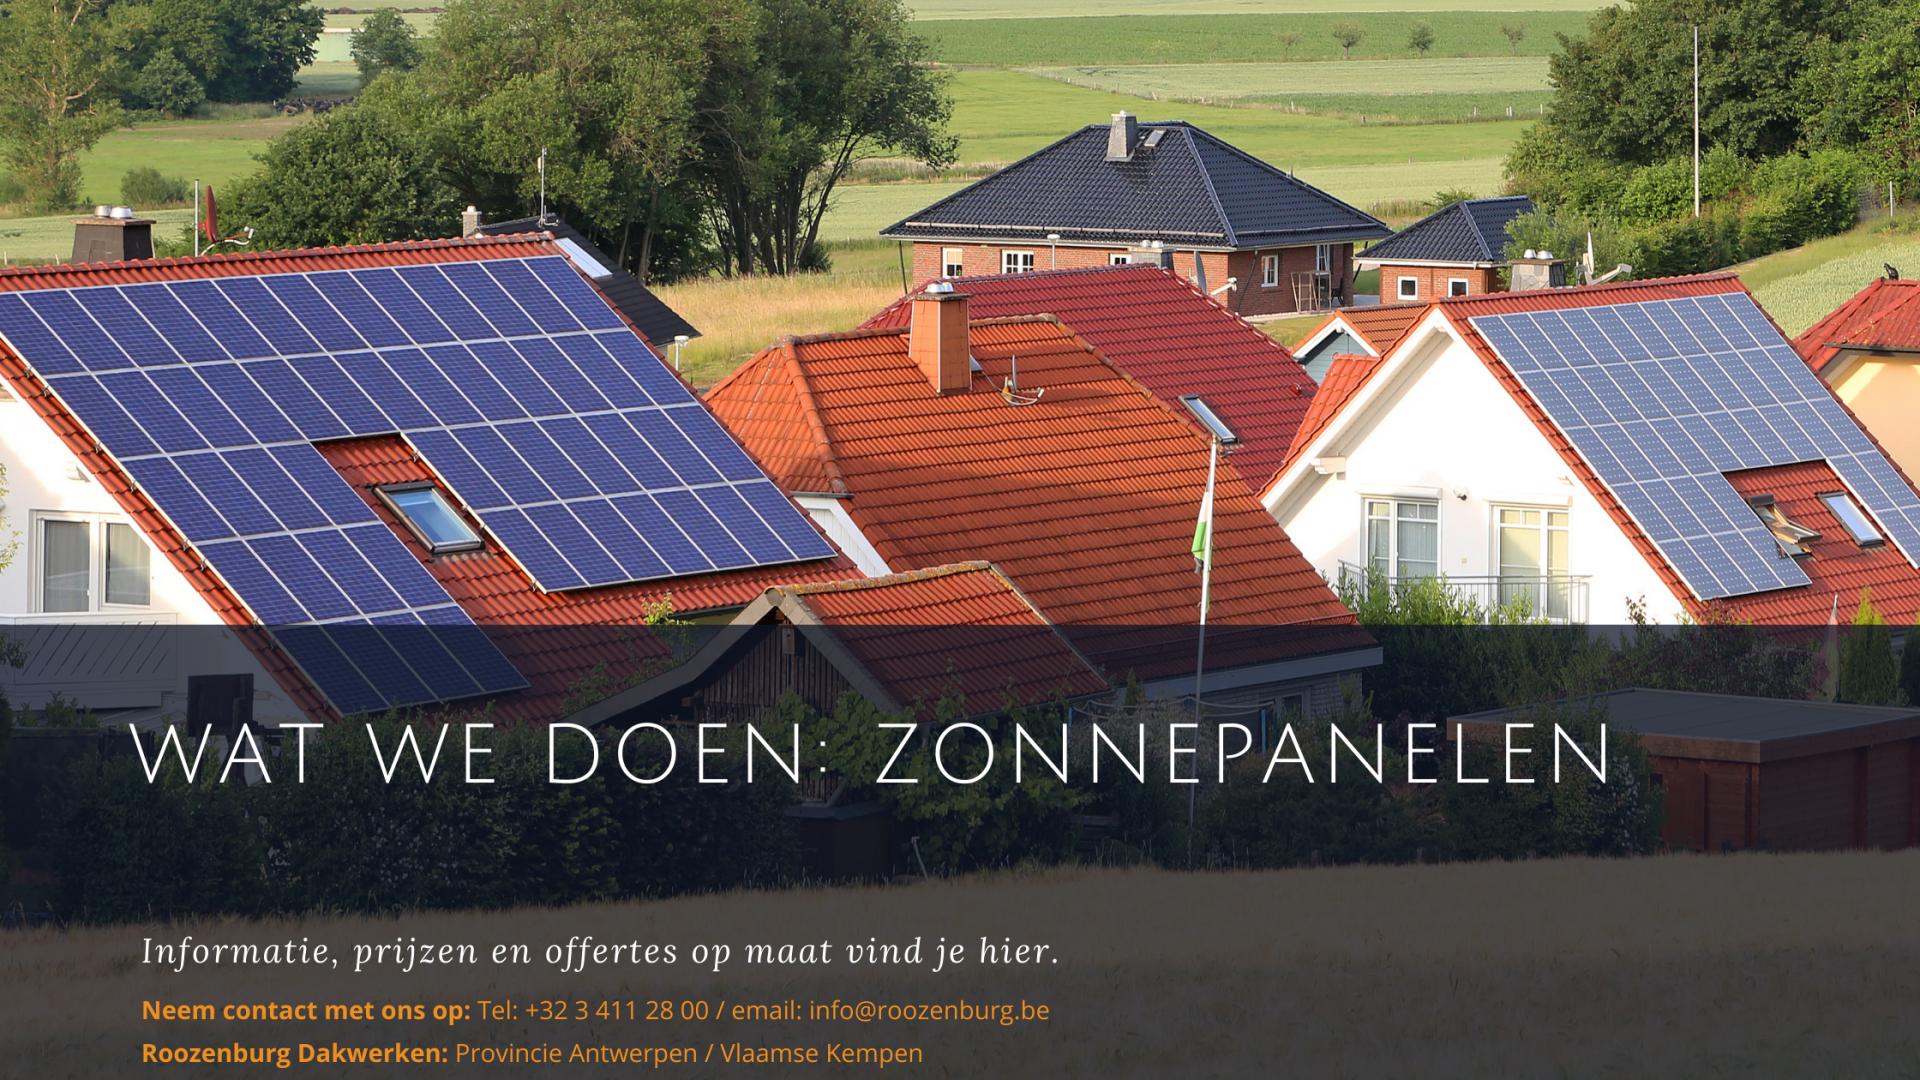 Huizen met zonnepanelen op het dak.